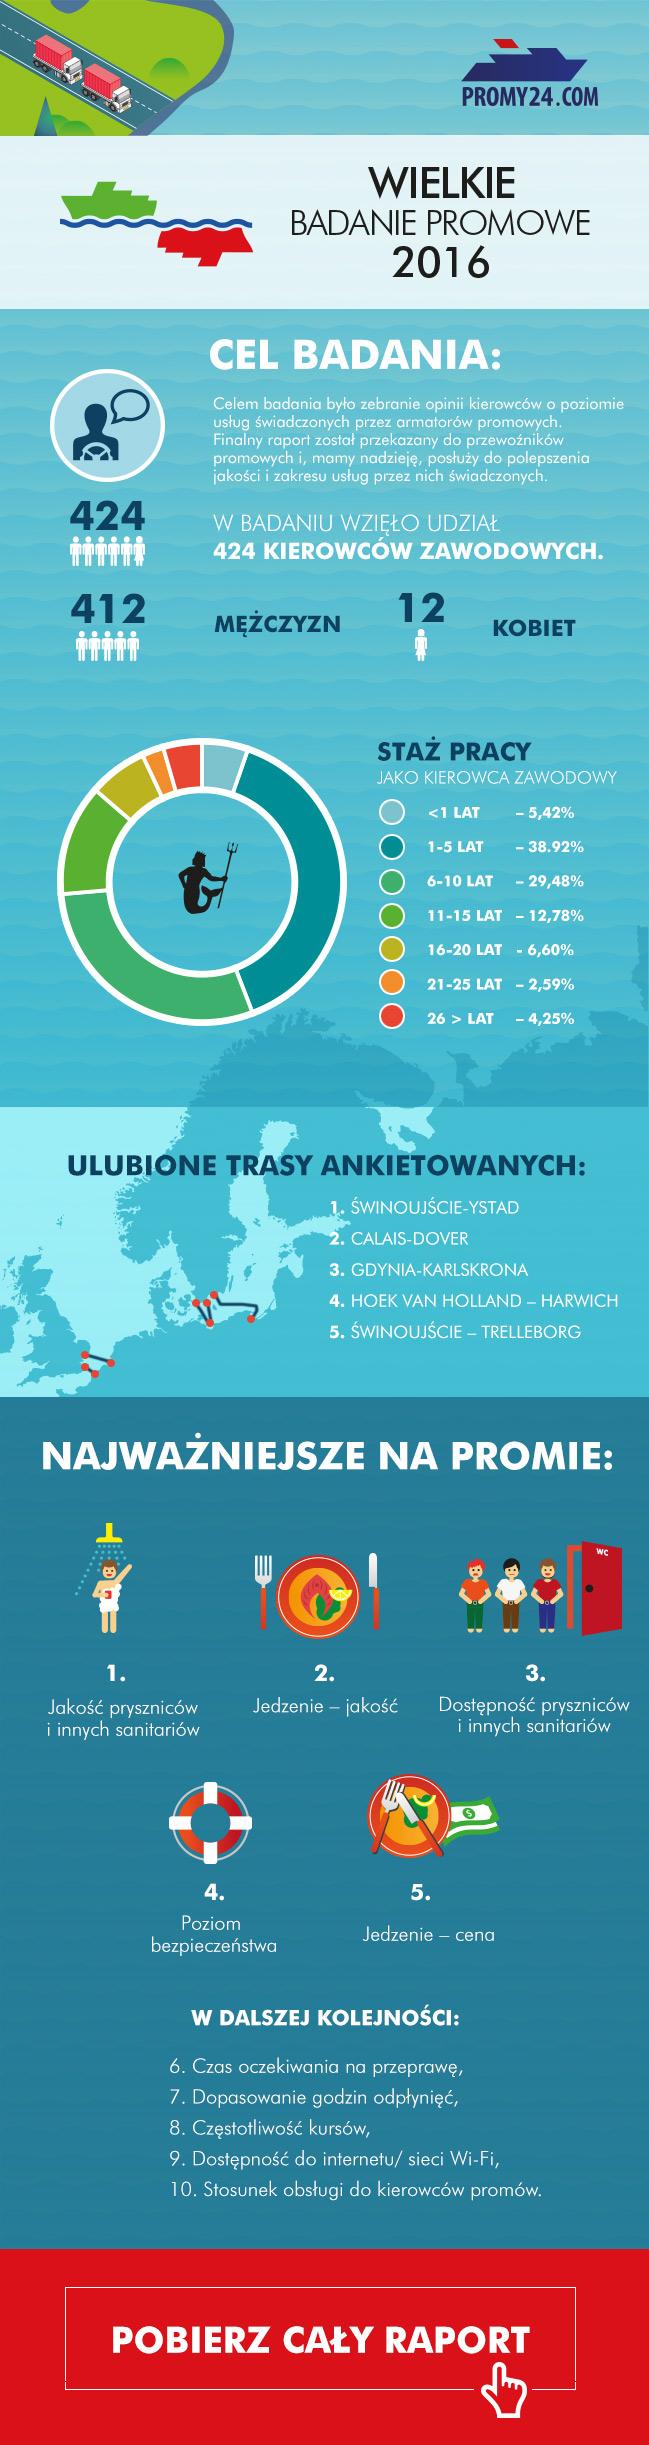 infografika2.jpg